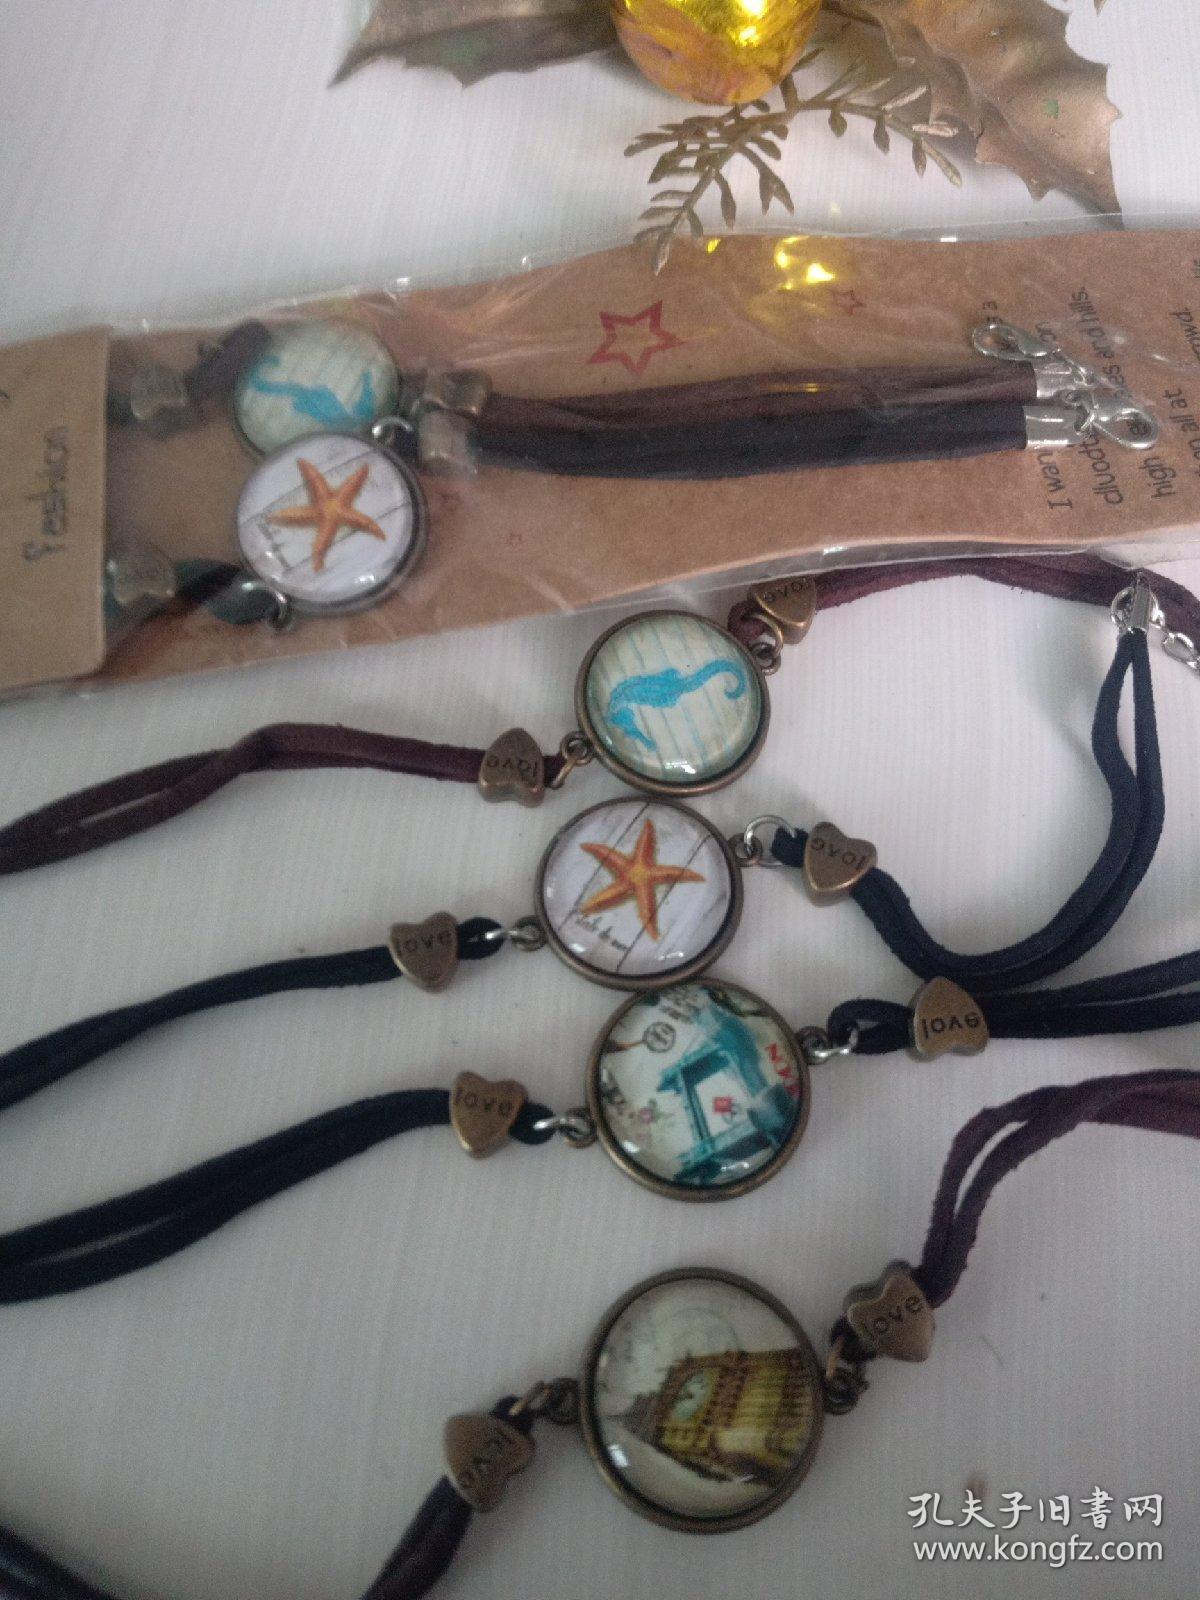 复古皮绳手链系列强化玻璃镶嵌合金里面,环保无毒 放心佩戴和收藏,